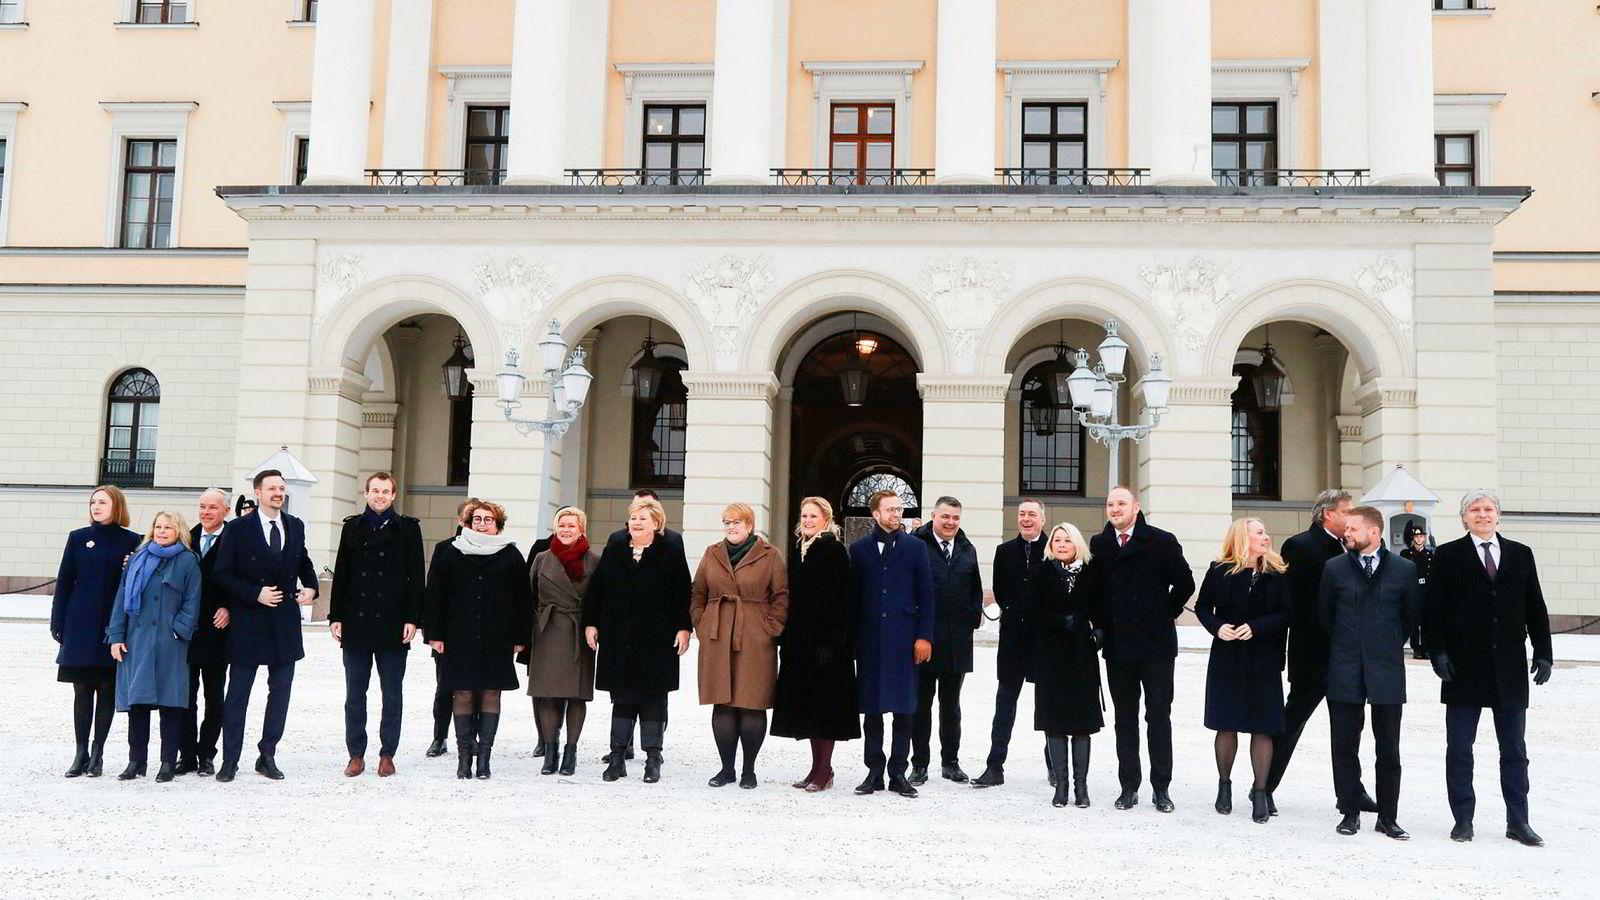 Statsminister Erna Solberg presenterte sin utvidete regjering etter ekstraordinært statsråd på Slottet tirsdag. Fra venstre Iselin Nybø (V), Åse Michaelsen (Frp), Jan Tore Sanner (H), Dag Inge Ulstein (KrF), Kjell Ingolf Ropstad (KrF), Olaug Bollestad (KrF), Siv Jensen (Frp), Erna Solberg (H), Trine Skei Grande (V), Ingvil Smines Tybring-Gjedde (Frp), Nikolai Astrup (H), Kjell-Børge Freiberg (Frp), Frank Bakke-Jensen (H), Monica Mæland (H), Jon Georg Dale (Frp), Anniken Hauglie (H), Harald Tom Nesvik (Frp). Bent Høie (H) og Ola Elvestuen.  Skjult i bakgrunnen Tor Mikkel Wara (Frp), Ine Eriksen Søreide (H) og Torbjørn Røe Isaksen (H).